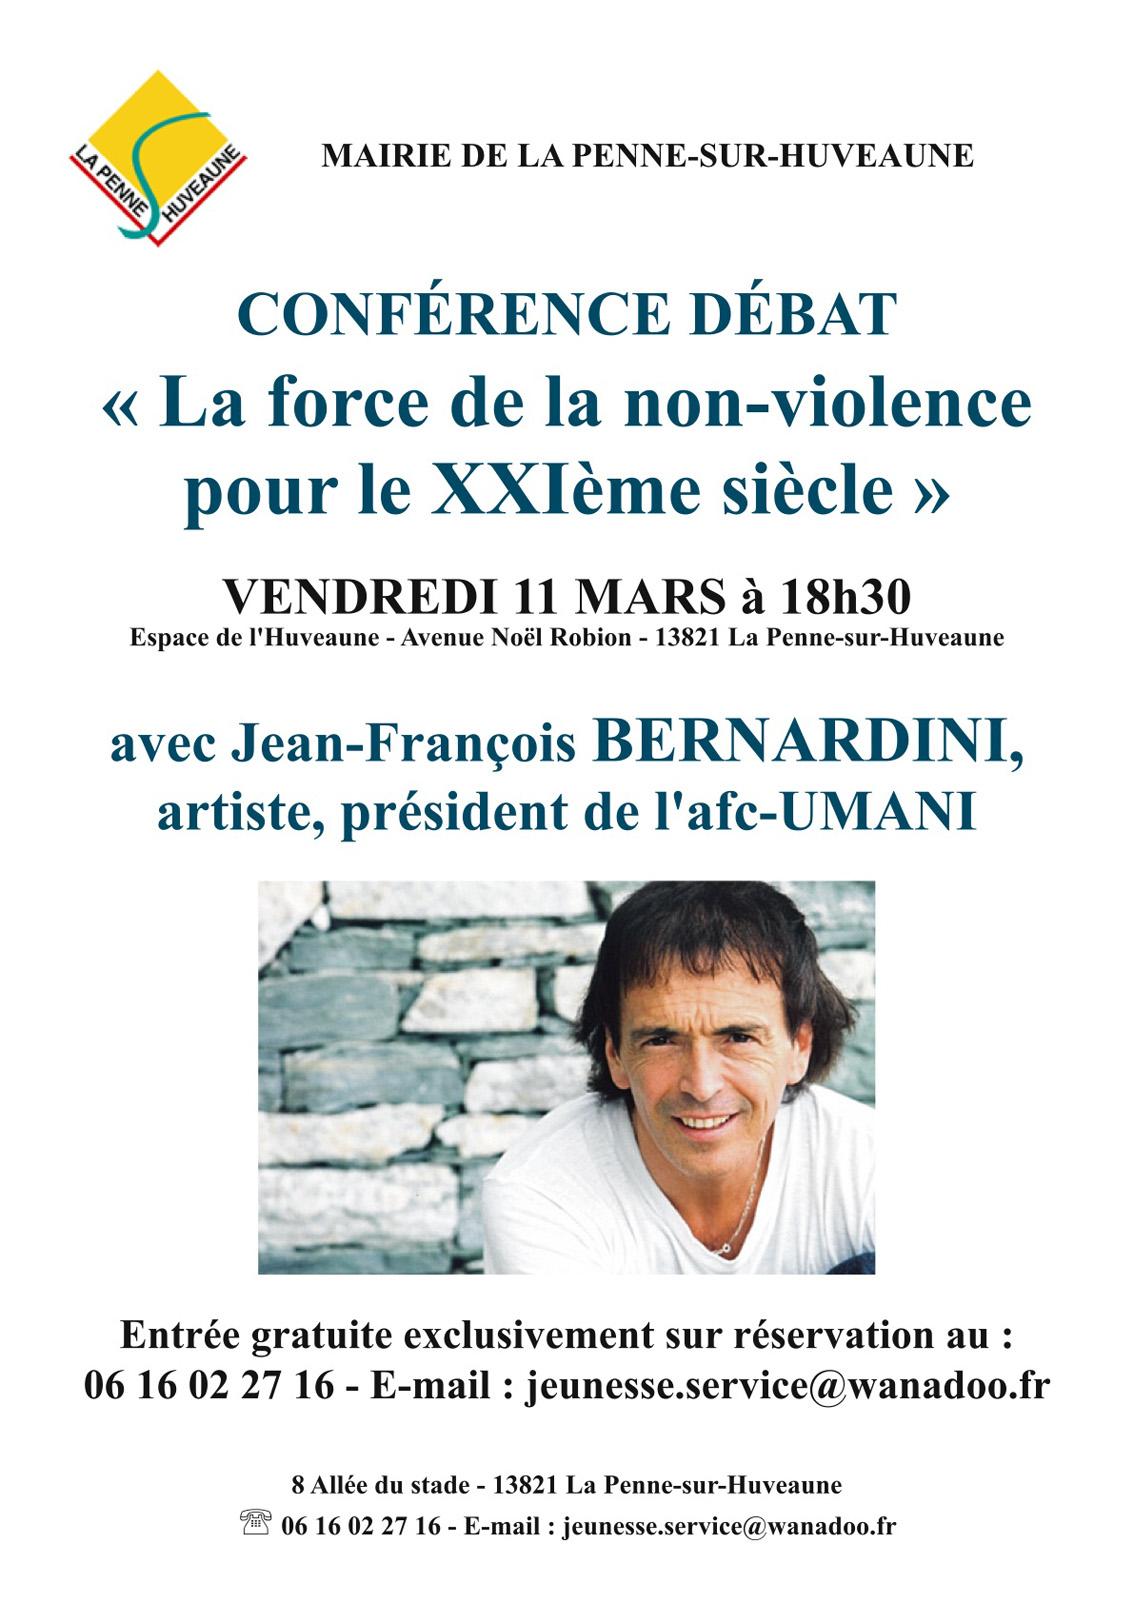 Conference-du-11-mars-2016